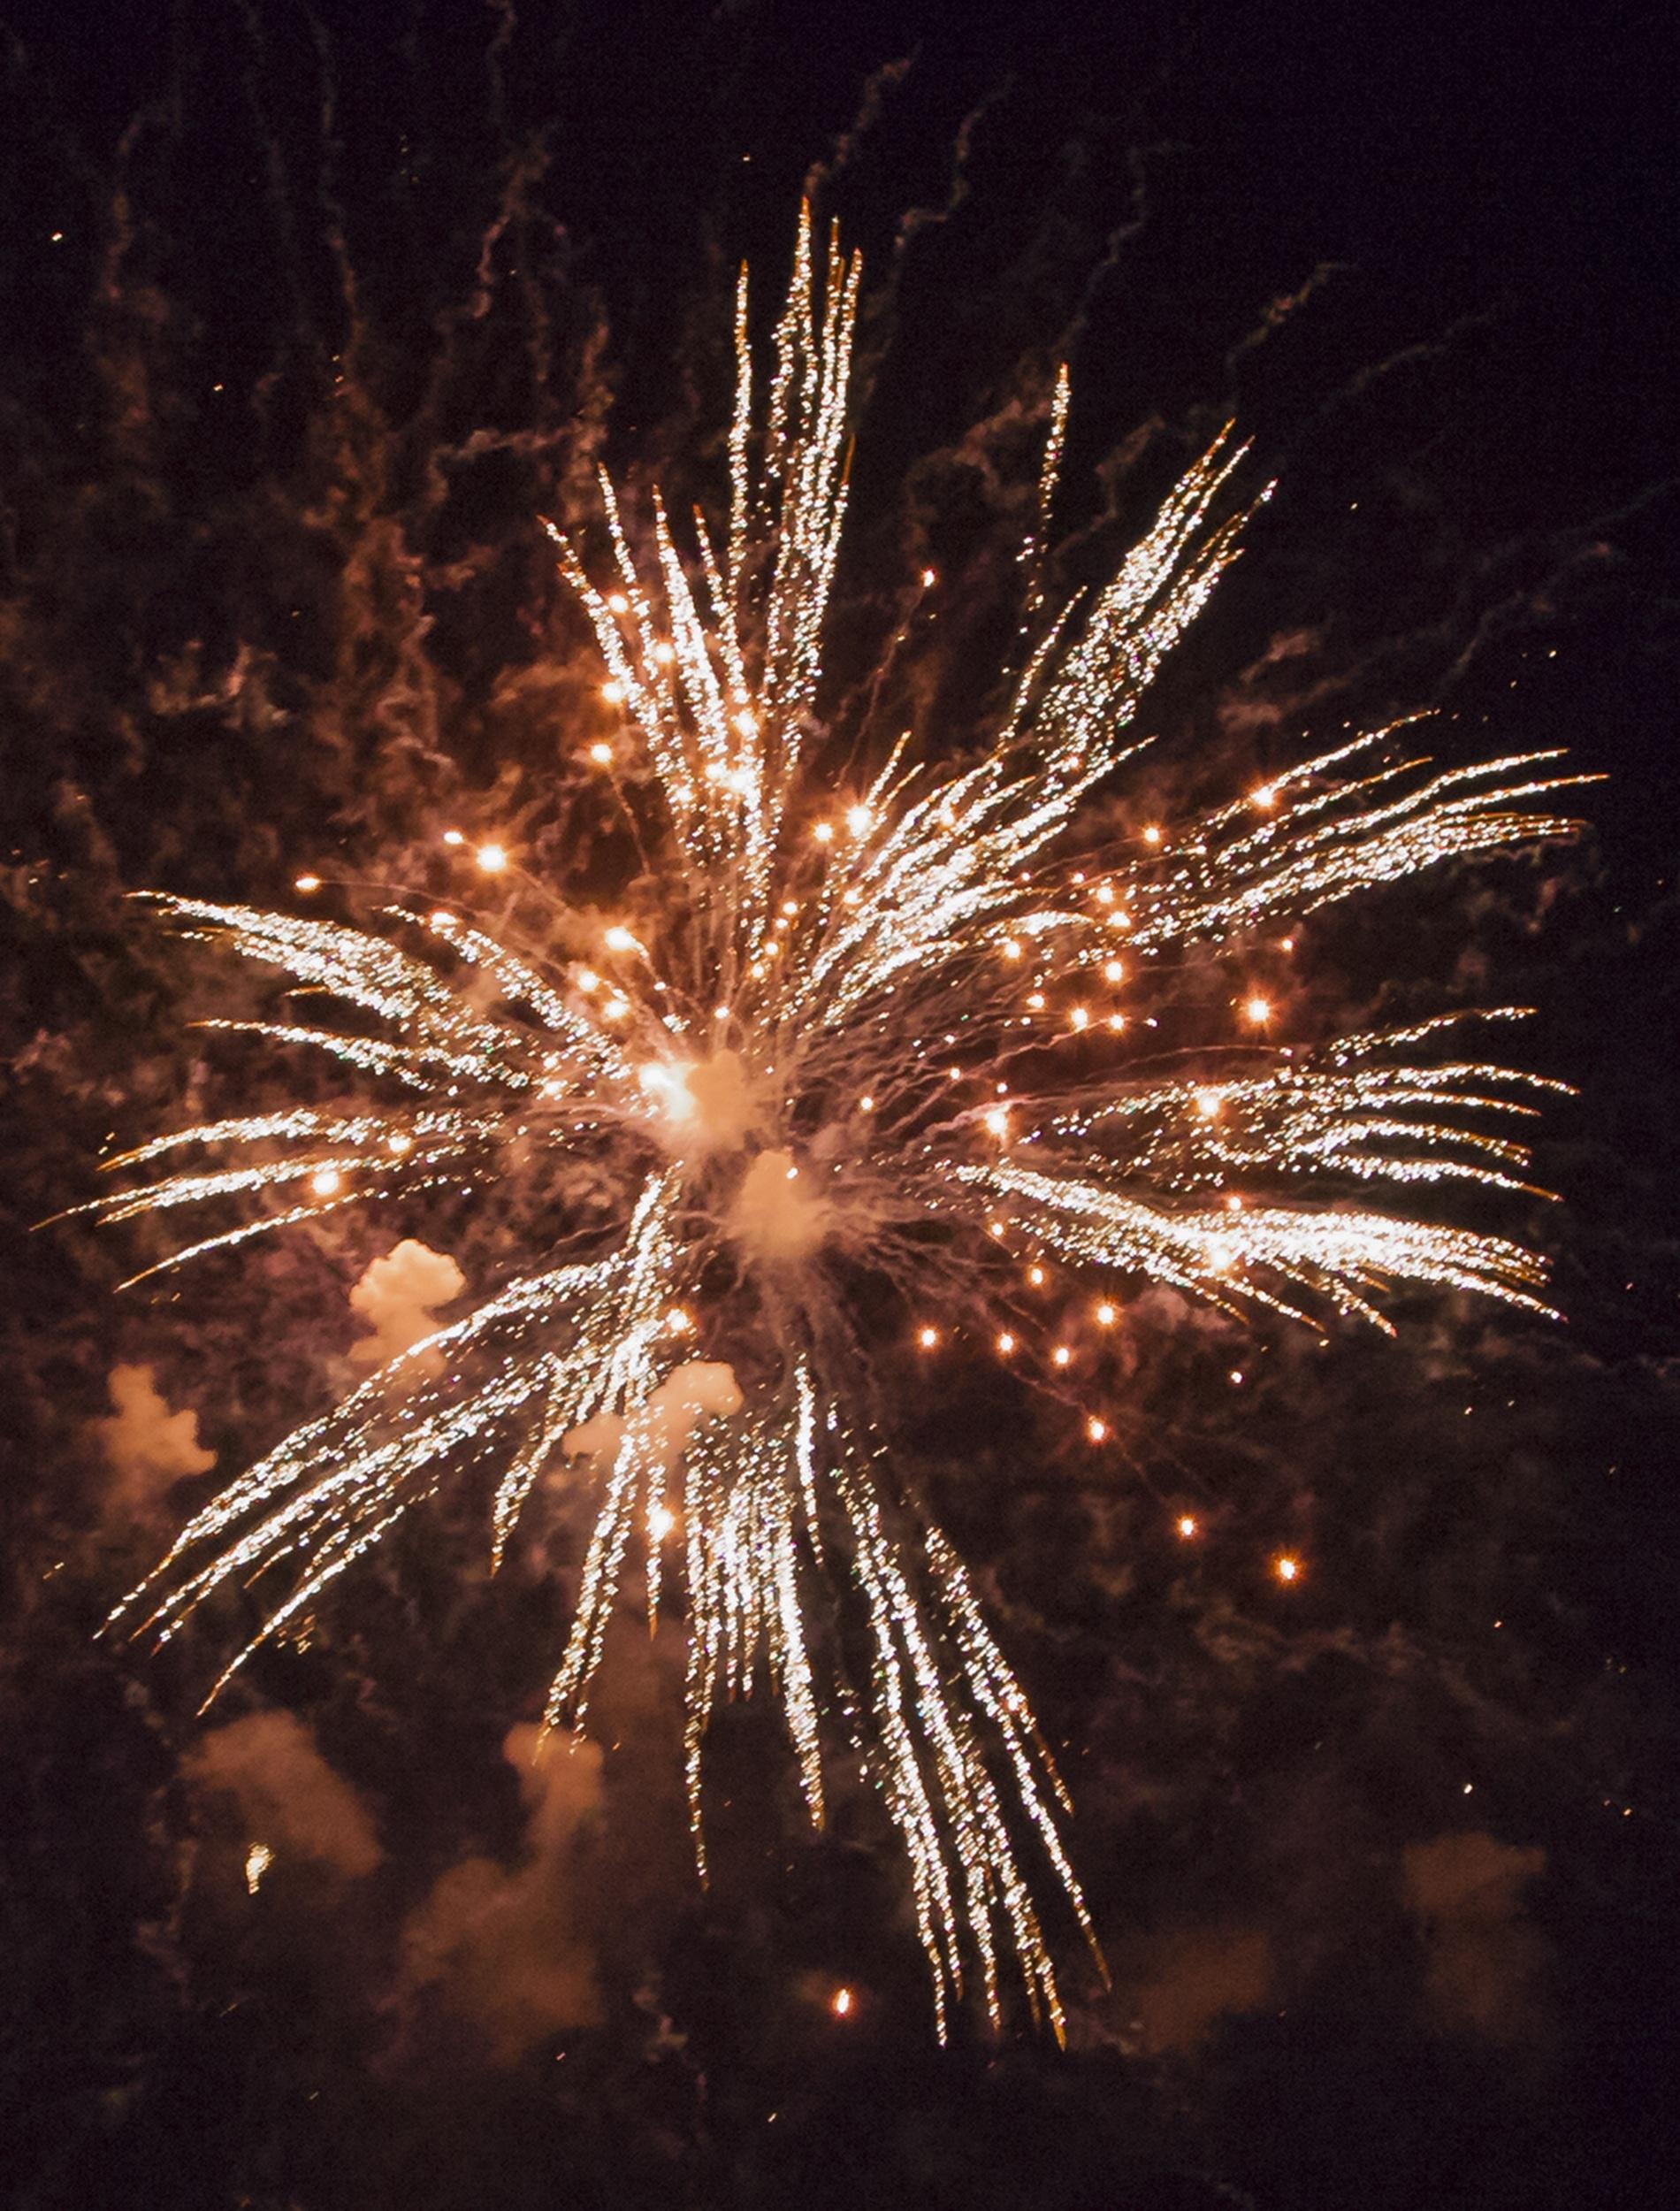 Gambar : langit, bintang, bunga, kegelapan, tahun Baru, kembang